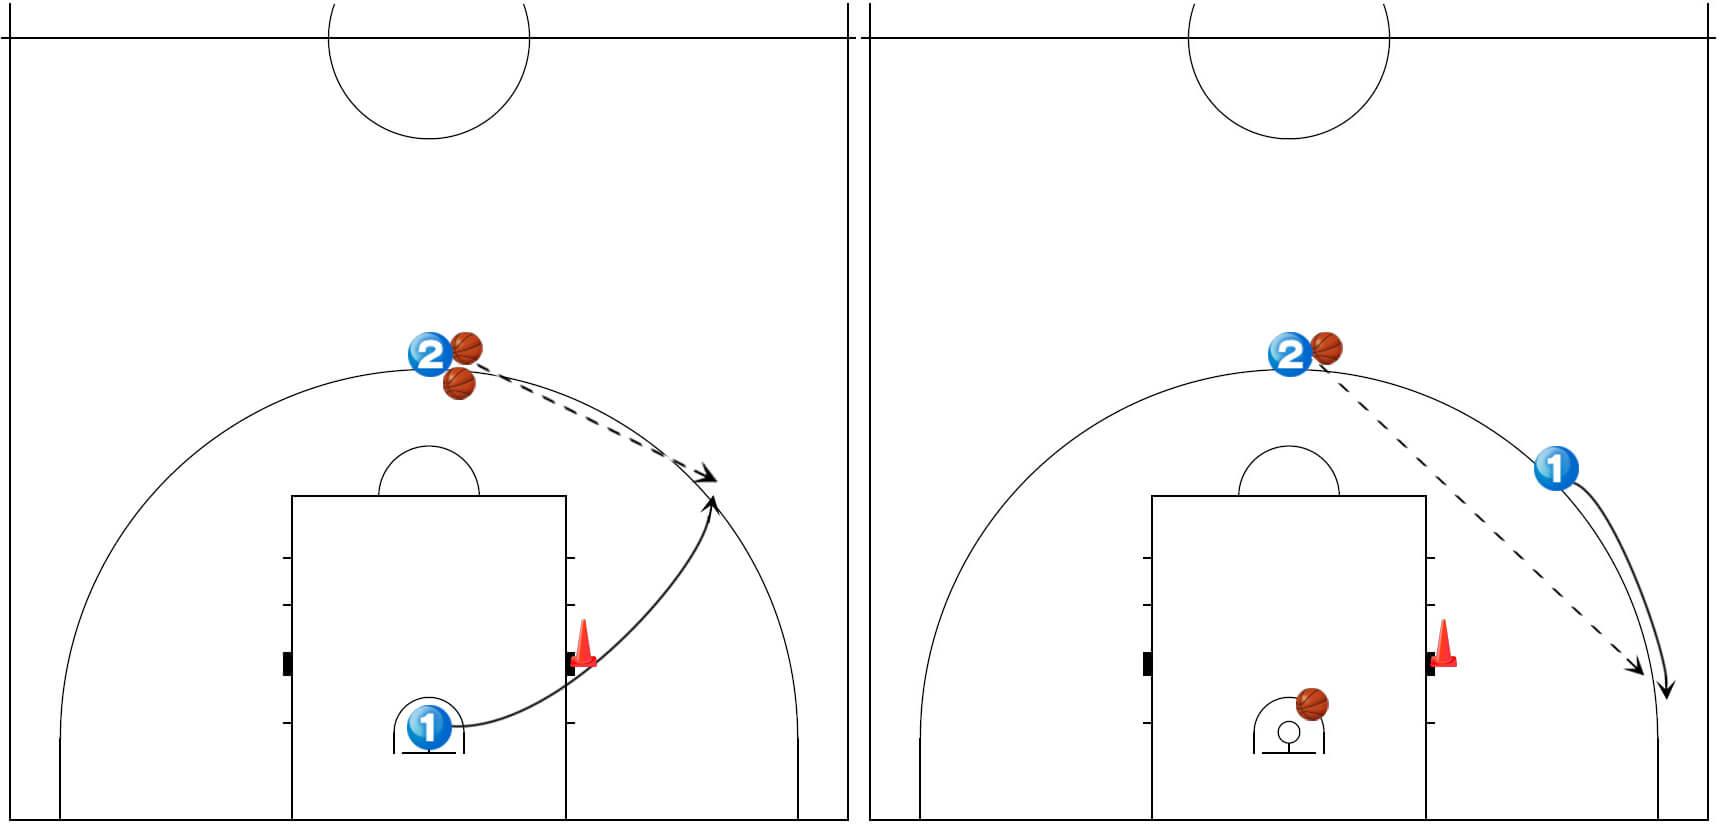 《バスケ×シュート練習》スクリーンを使ったシューティングドリル